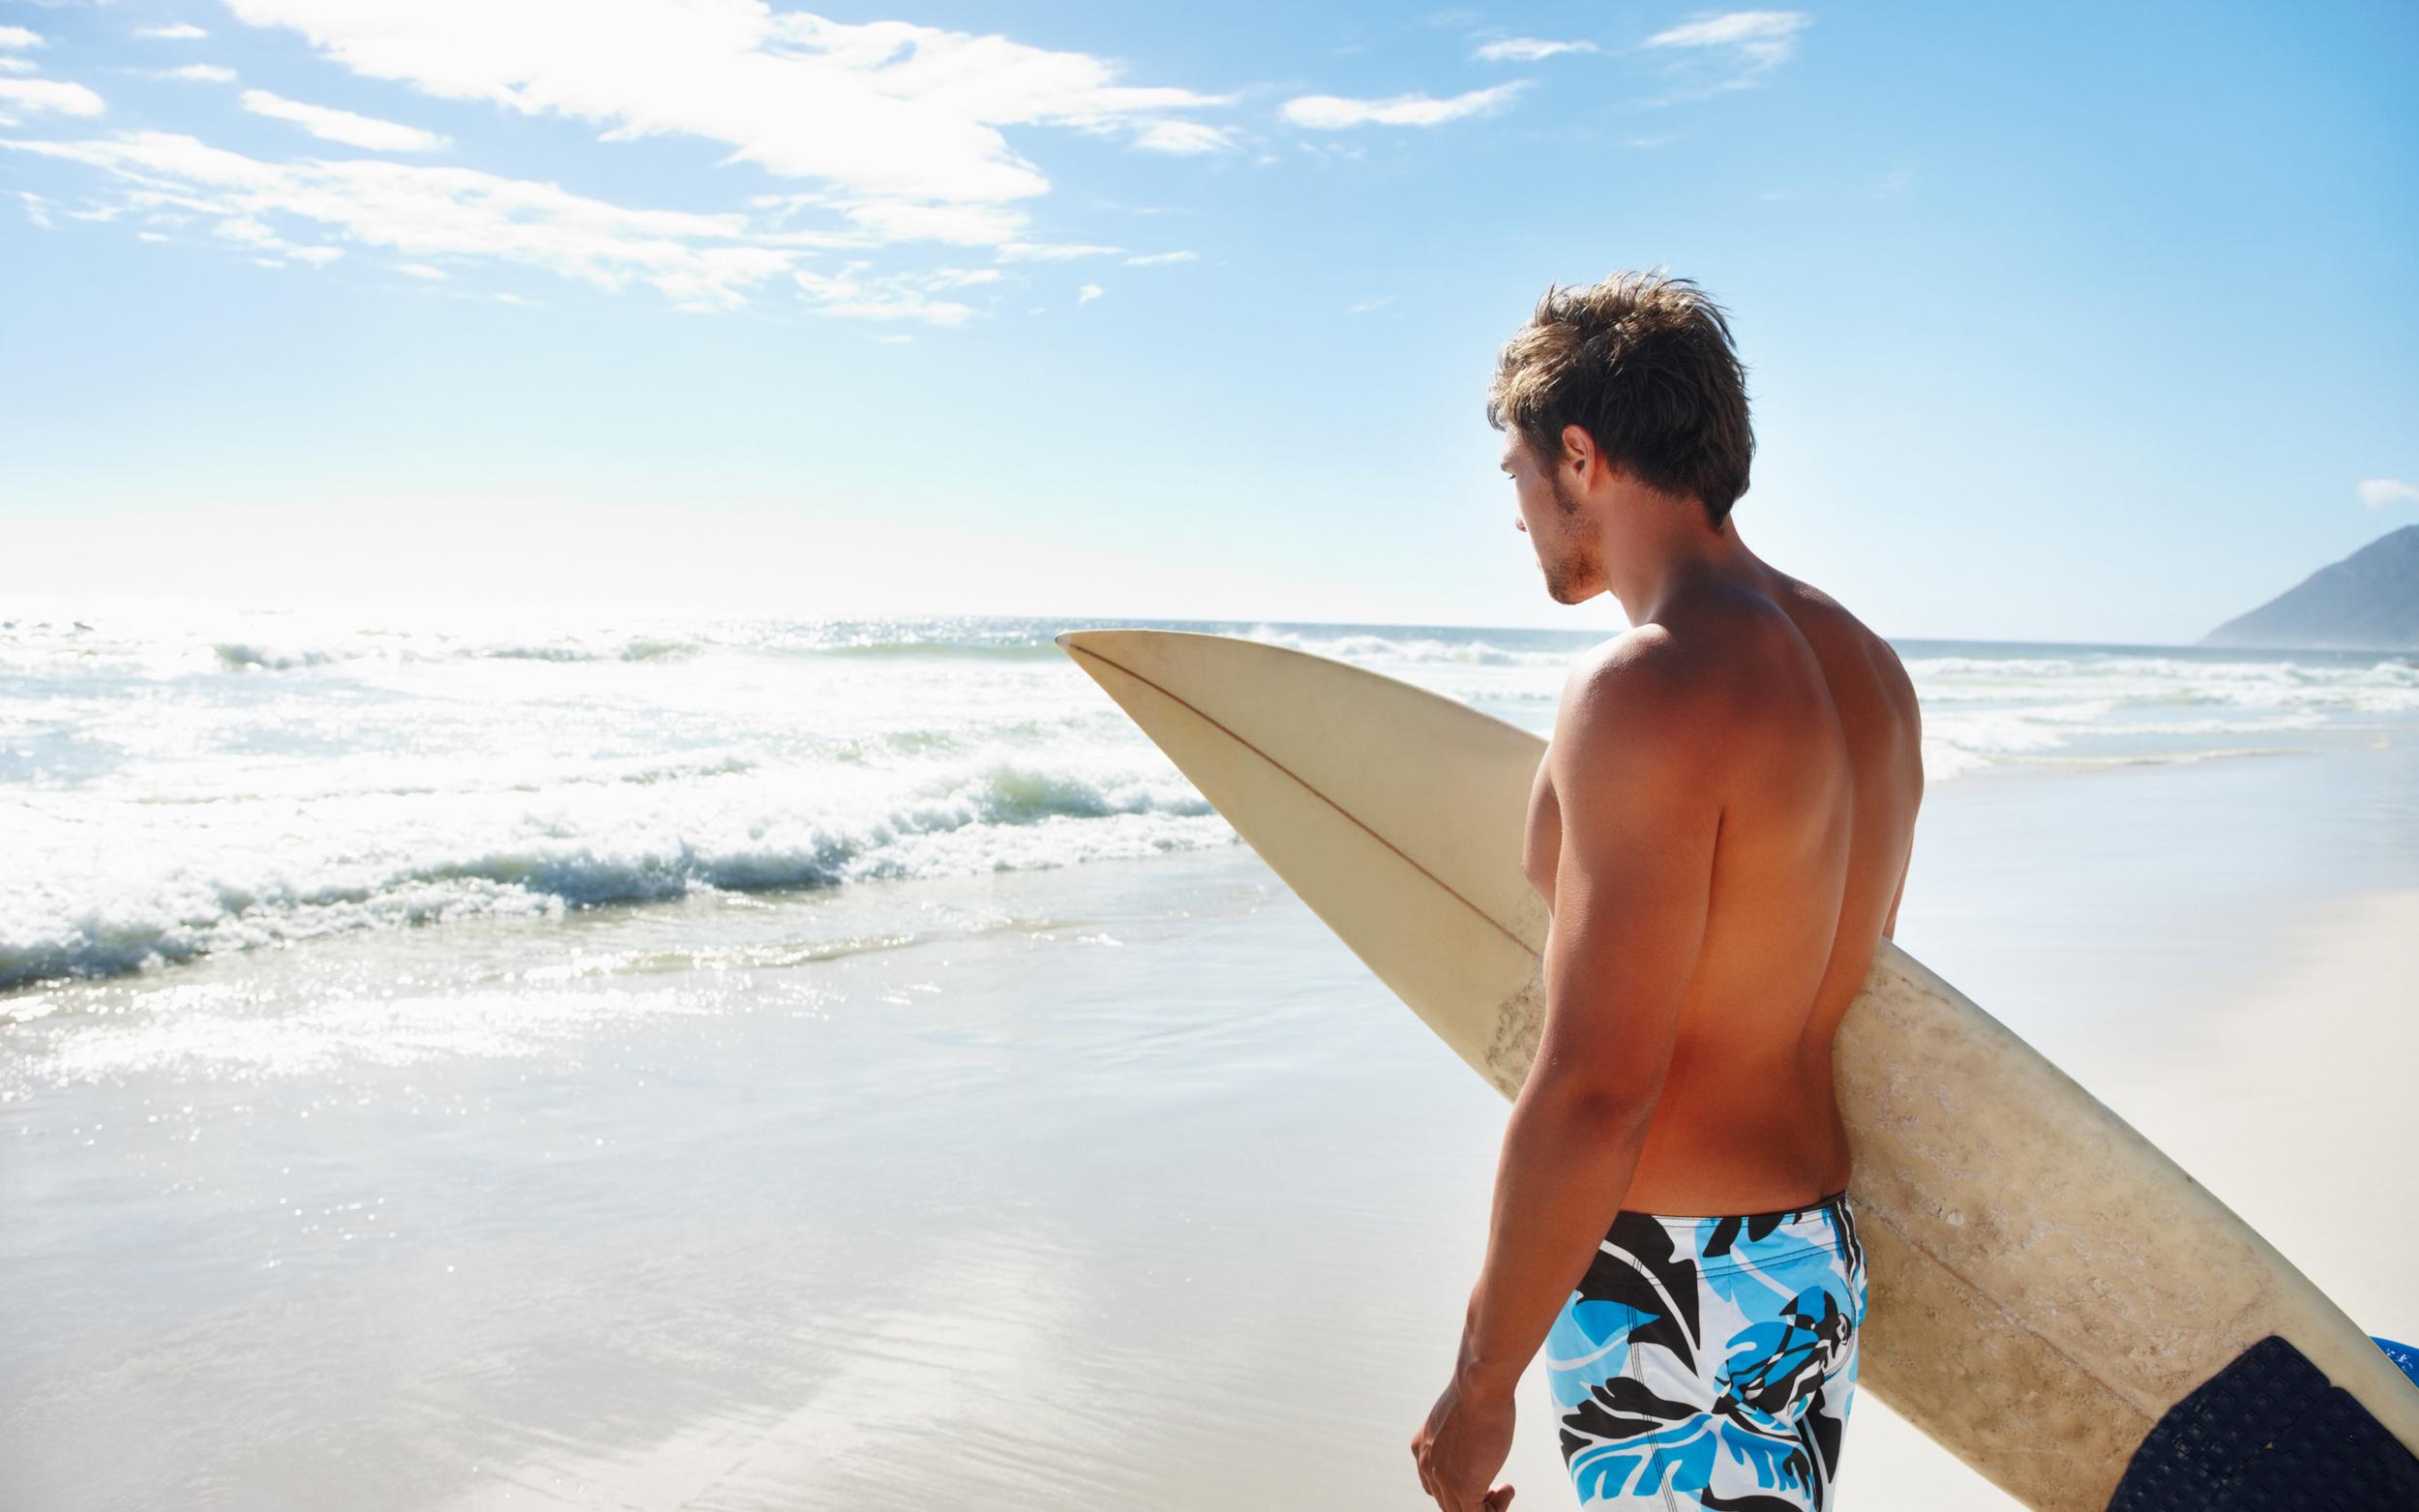 surf mindset skills